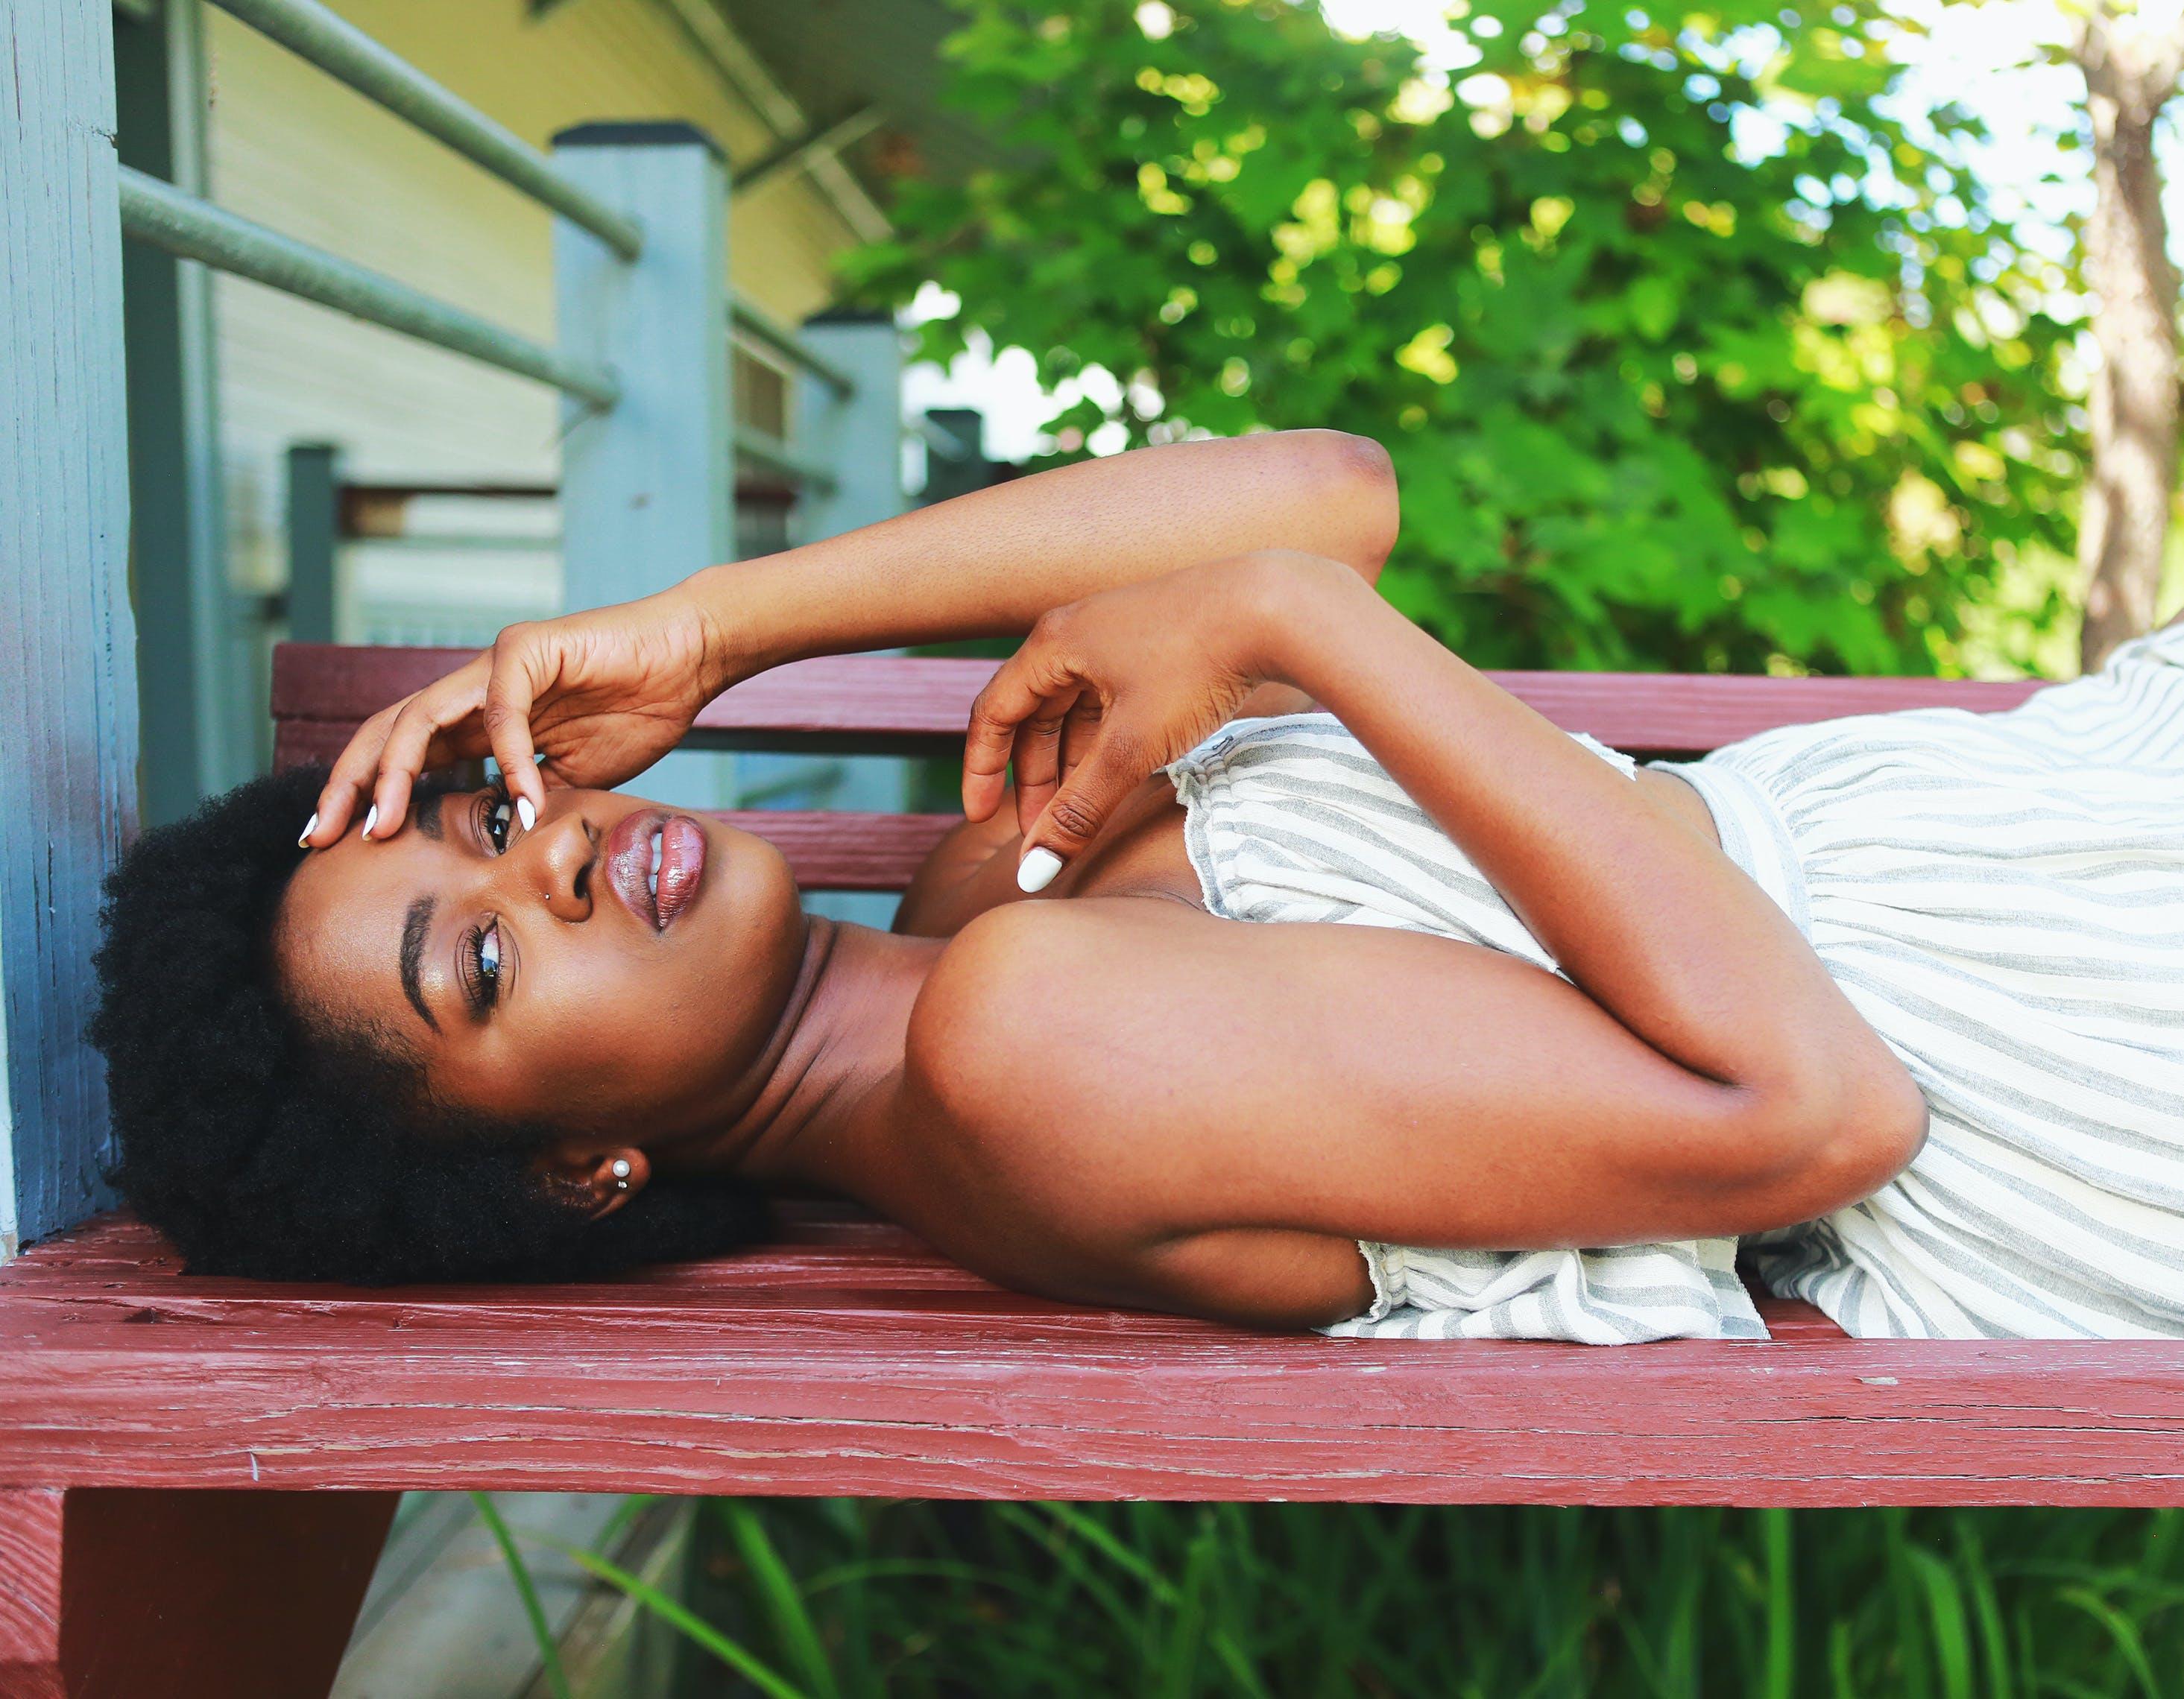 Gratis lagerfoto af afro, ansigtsudtryk, attraktiv, bænk